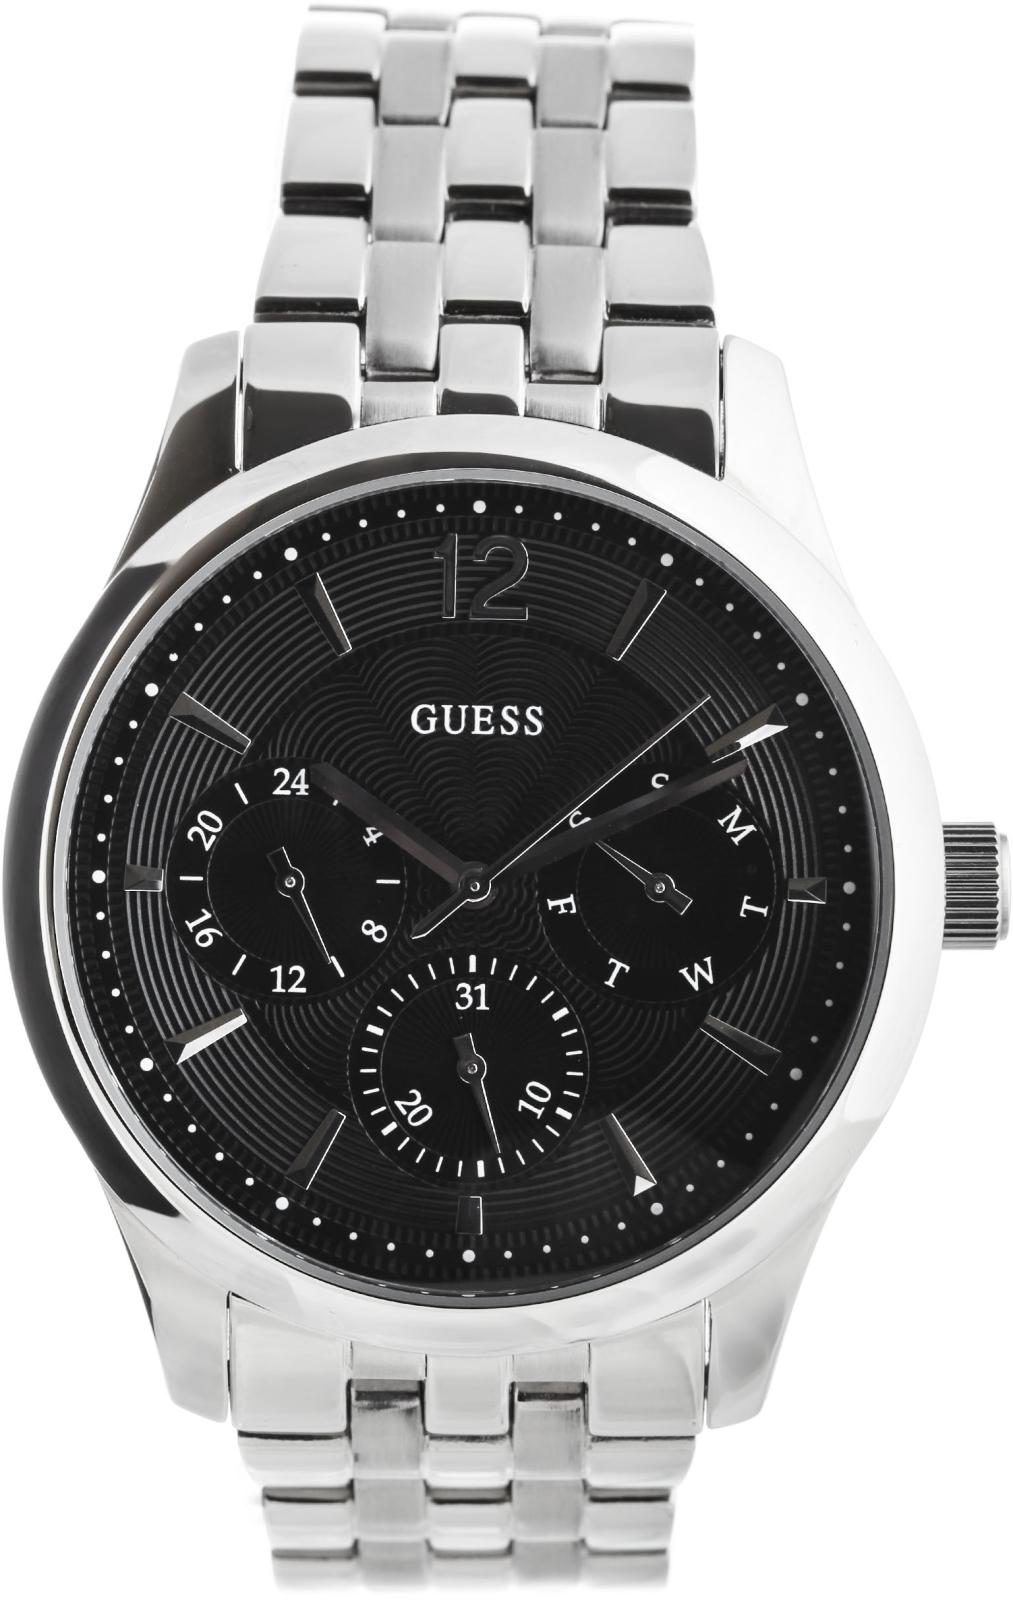 Guess Asset W0474G1Наручные часы<br>Американские часы Guess Asset W0474G1<br><br>Пол: Мужские<br>Страна-производитель: США<br>Механизм: Кварцевый<br>Материал корпуса: Сталь<br>Материал ремня/браслета: Сталь<br>Водозащита, диапазон: 20 - 100 м<br>Стекло: Минеральное<br>Толщина корпуса: 11.5 мм<br>Стиль: Классика